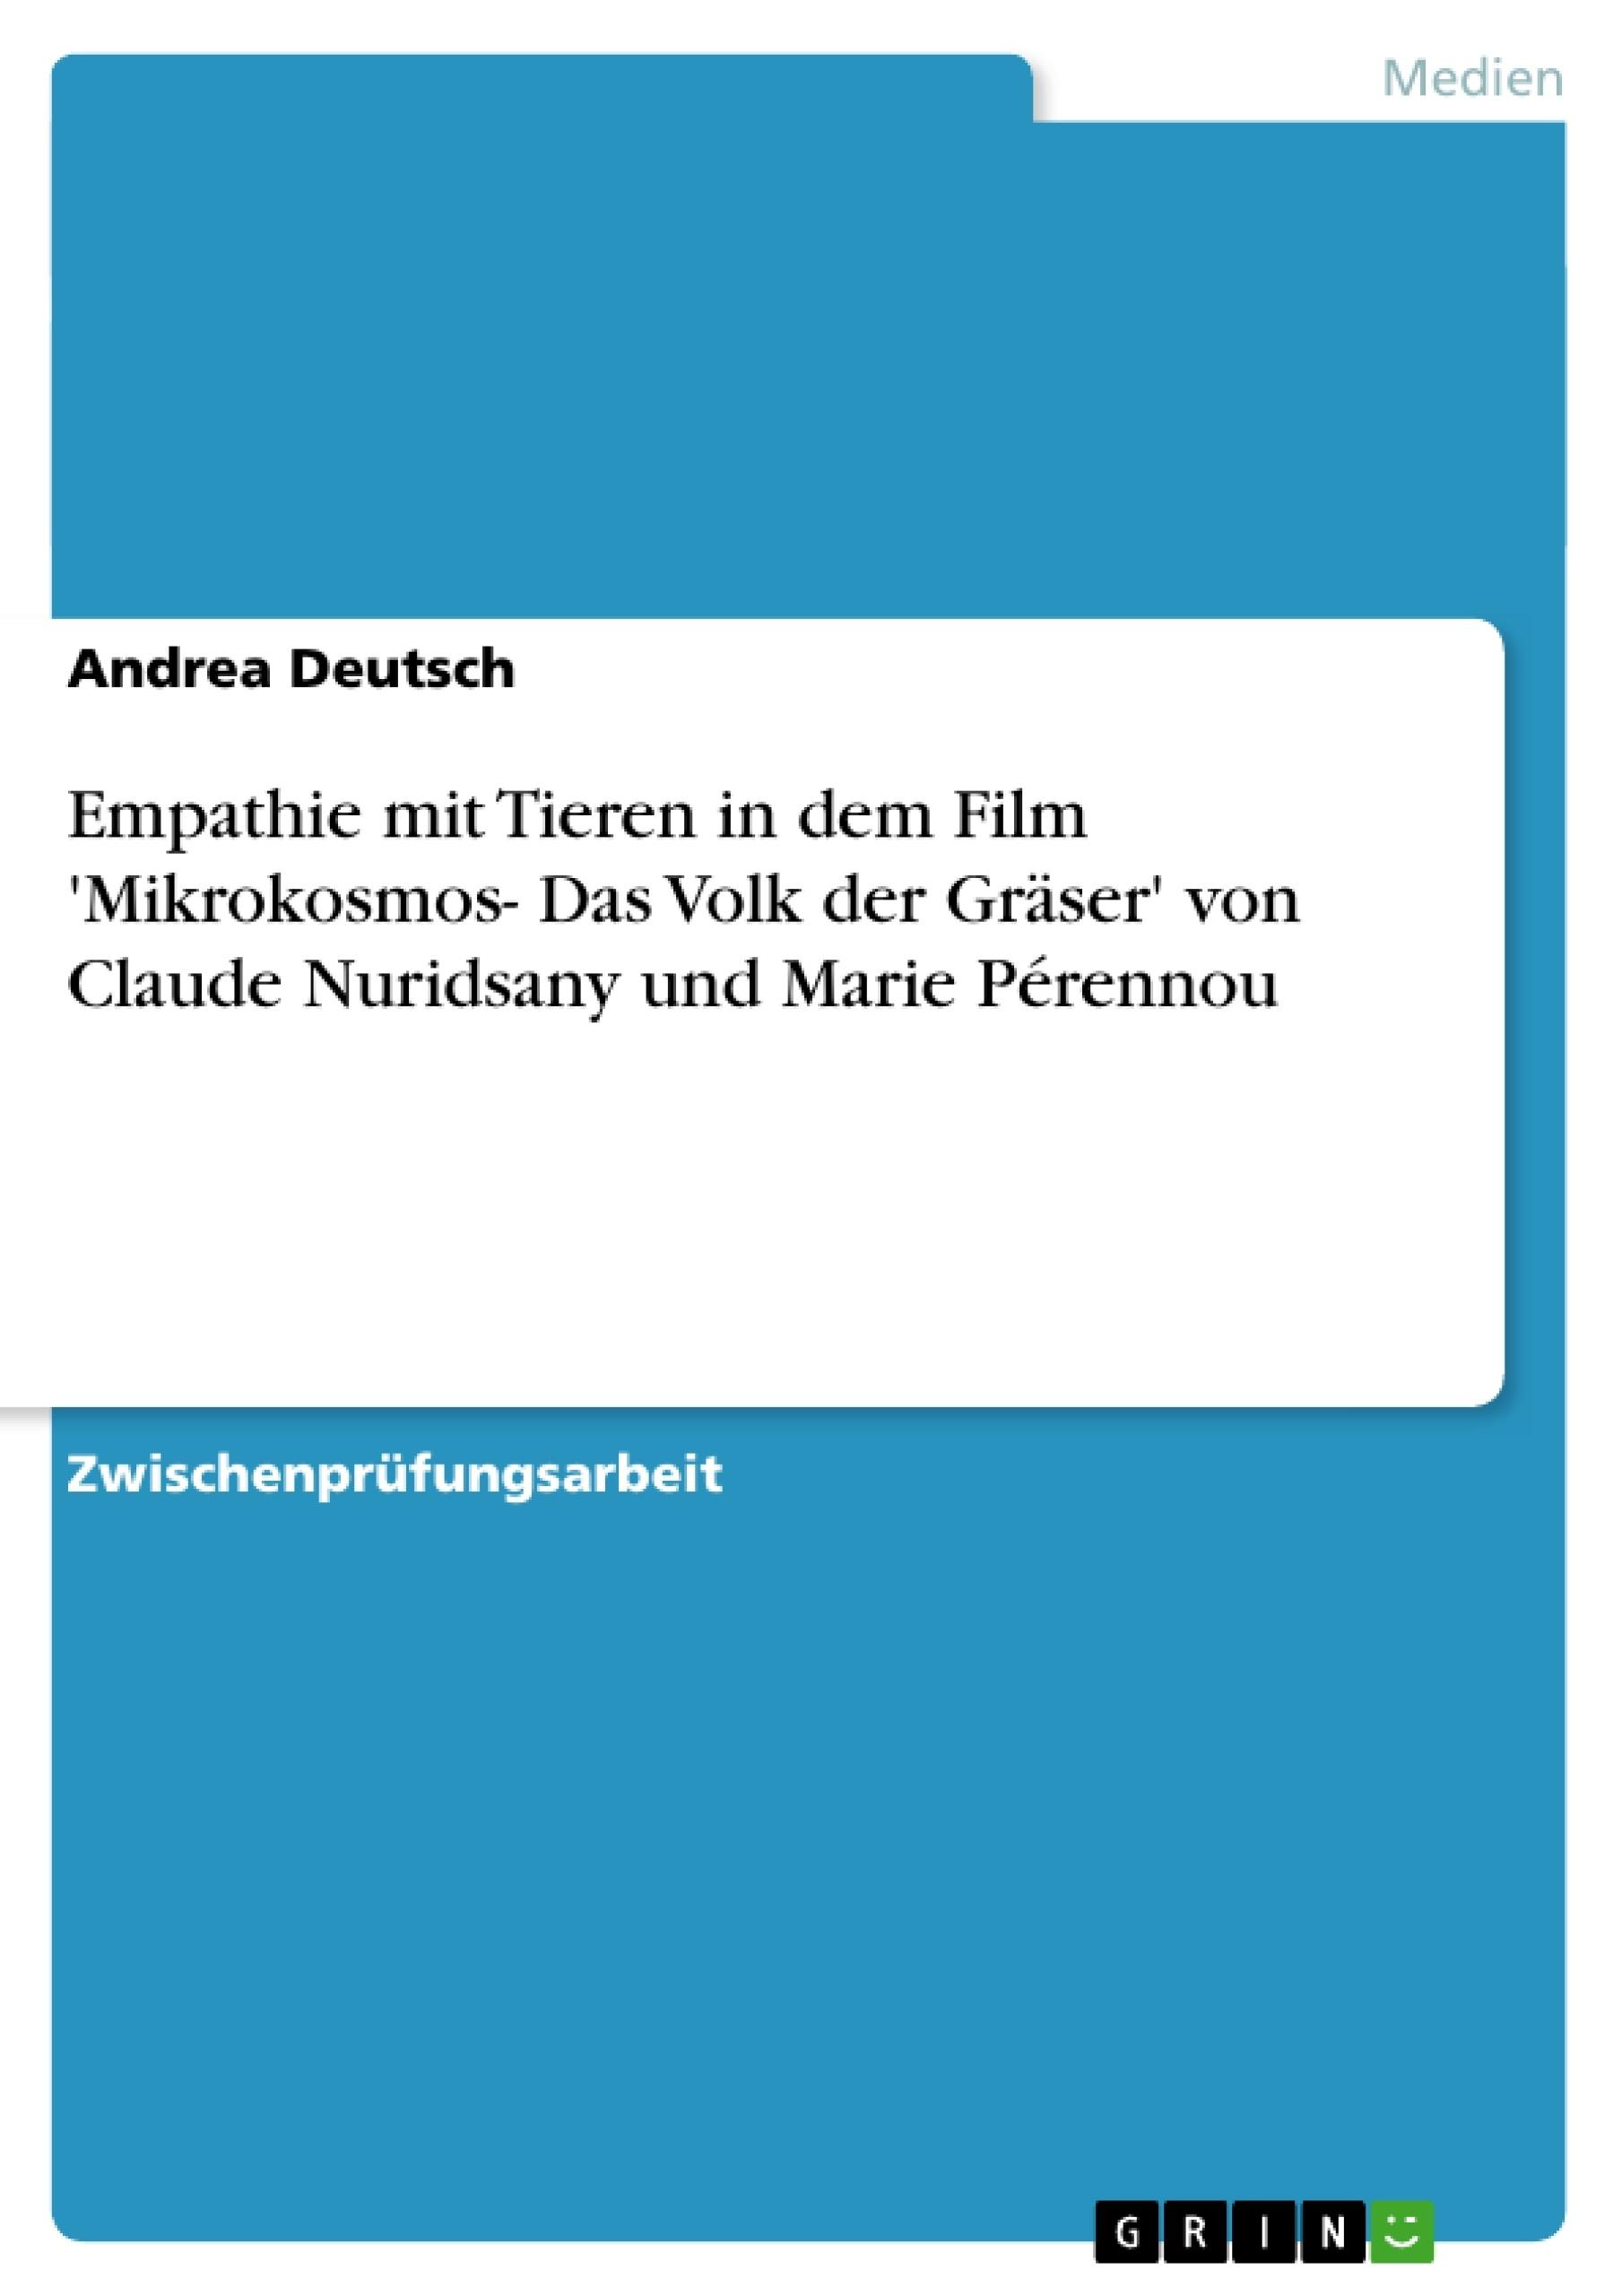 Titel: Empathie mit Tieren in dem Film 'Mikrokosmos- Das Volk der Gräser' von Claude Nuridsany und Marie Pérennou